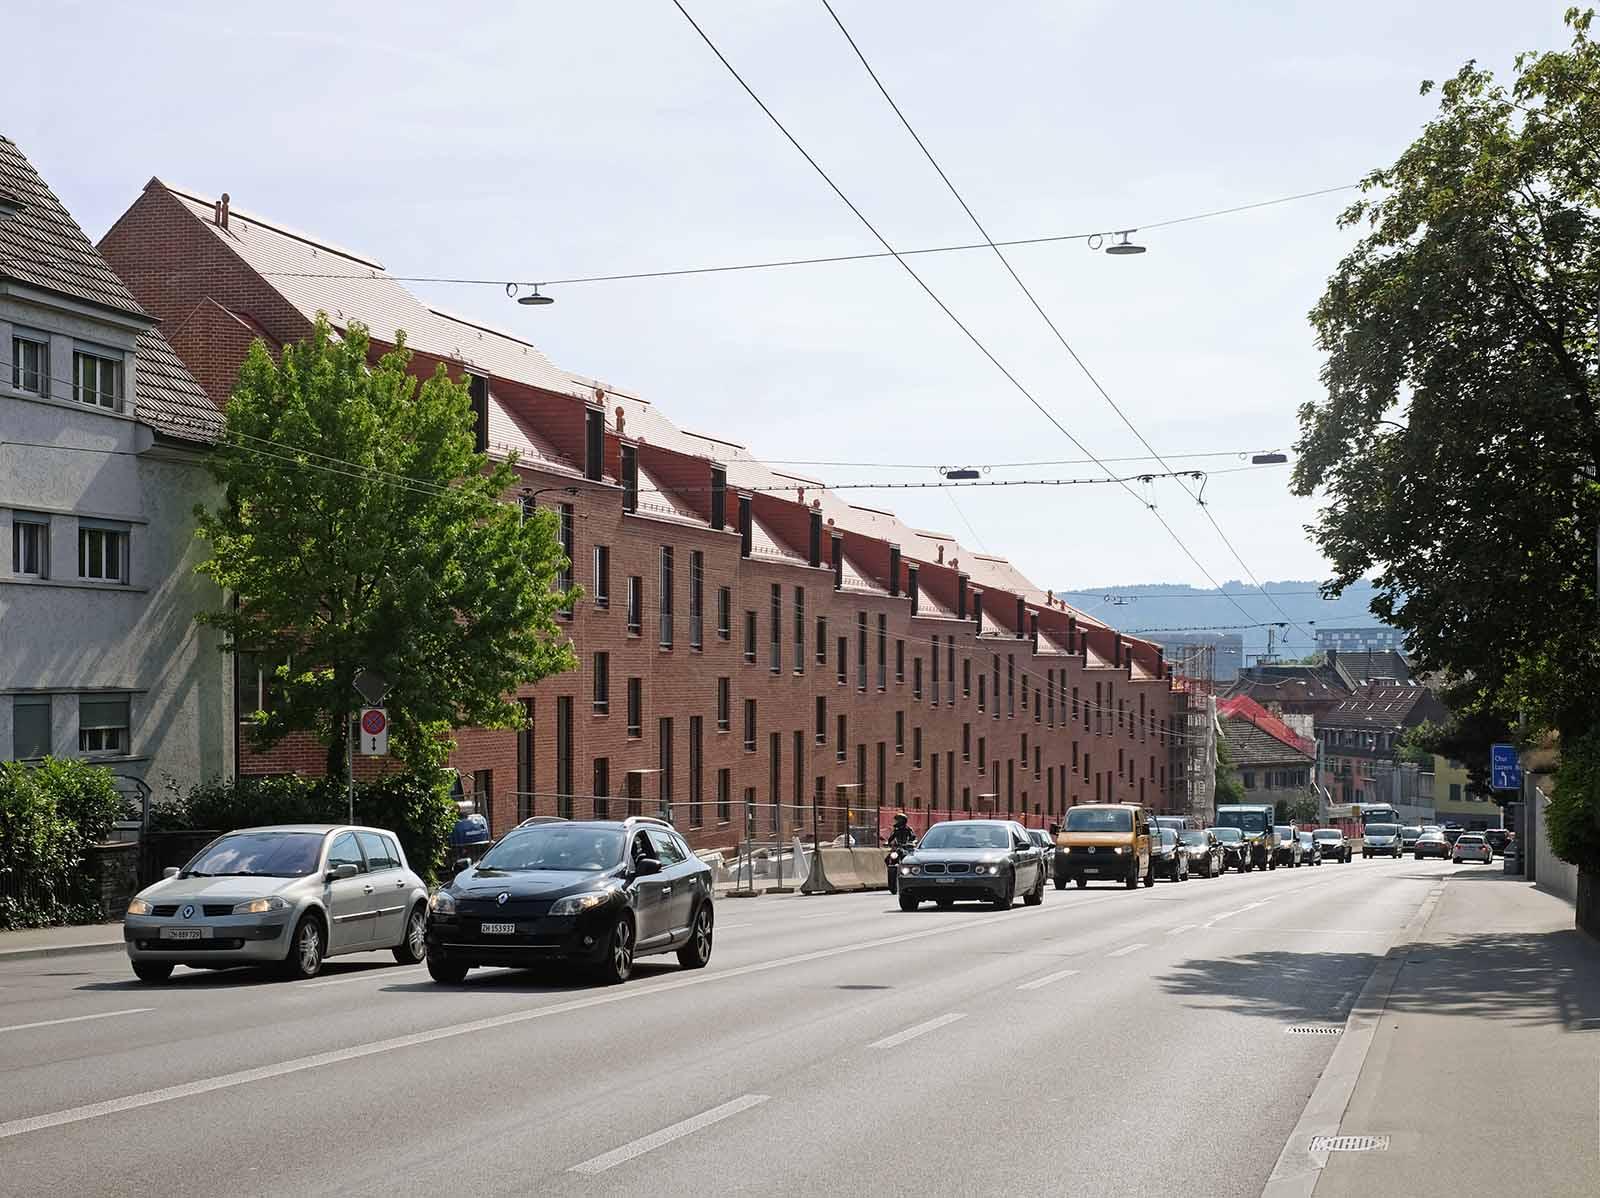 Der Bau passt sich der Rosengartenstrasse an.